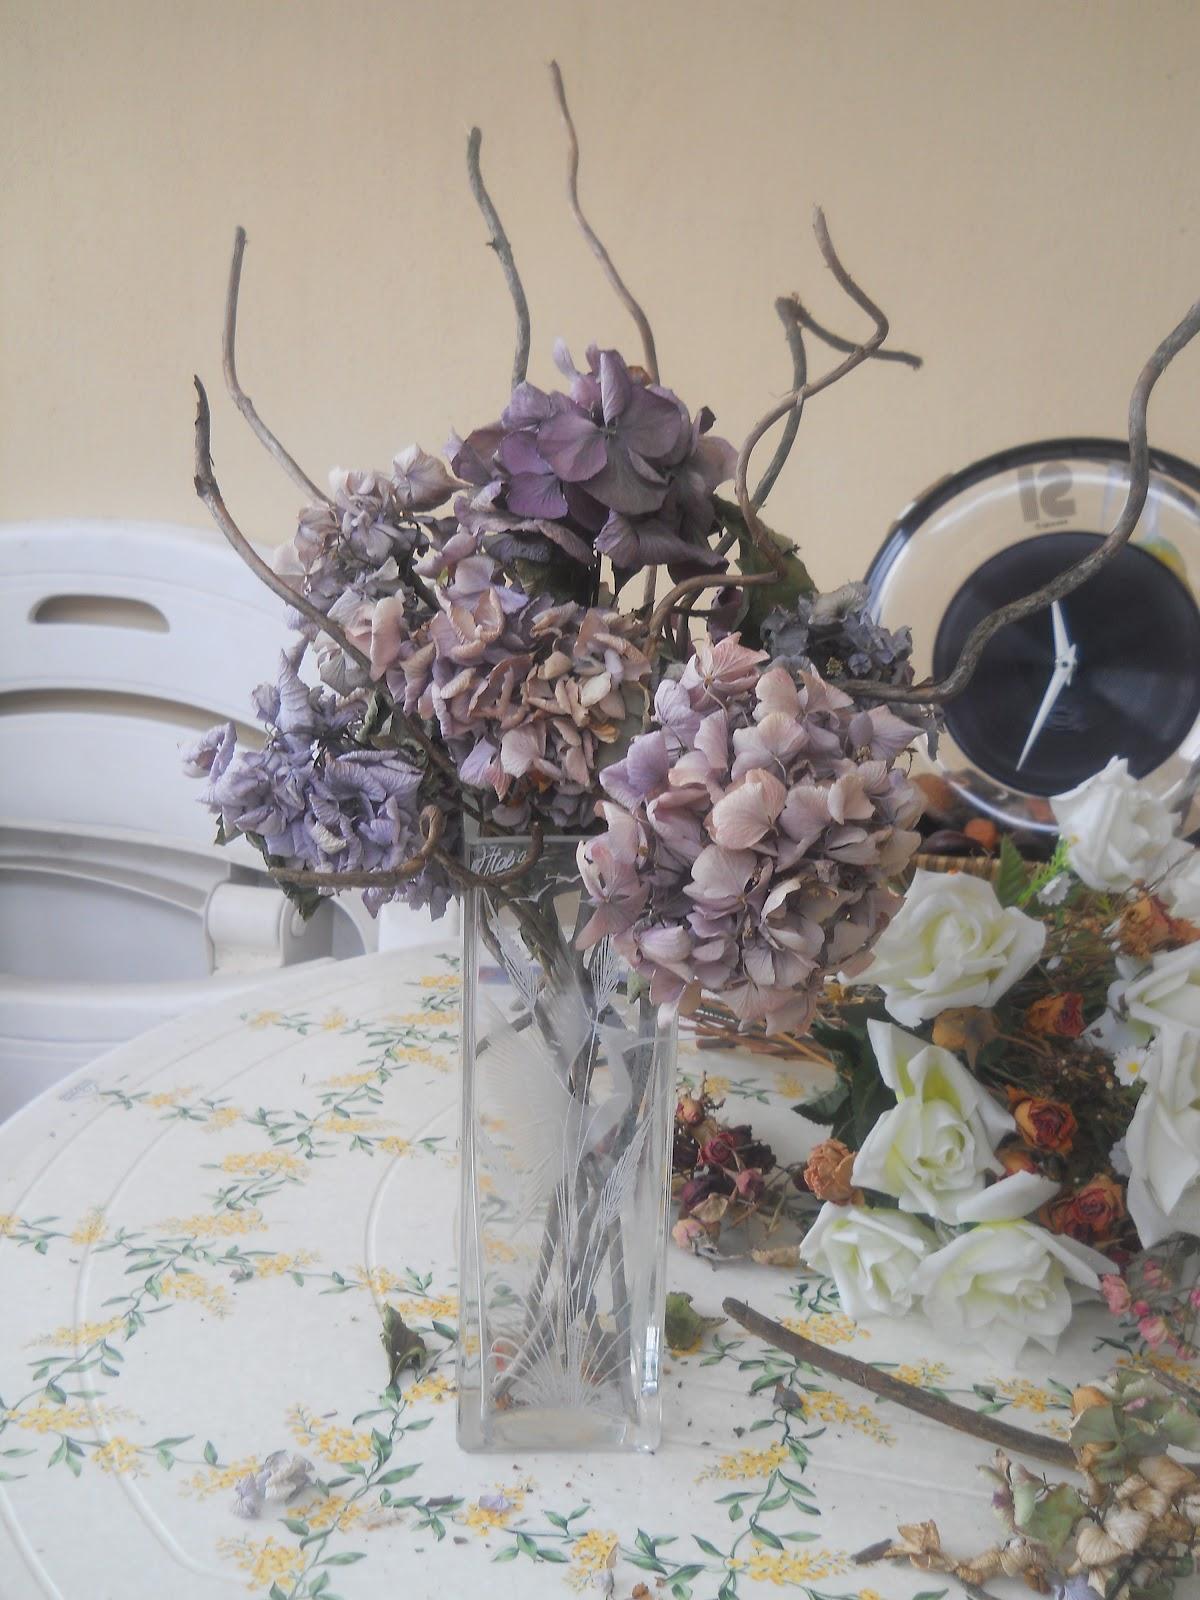 Fiori Di Ortensia Secchi bricolage & ricette blog: bricolage: composizione di fiori